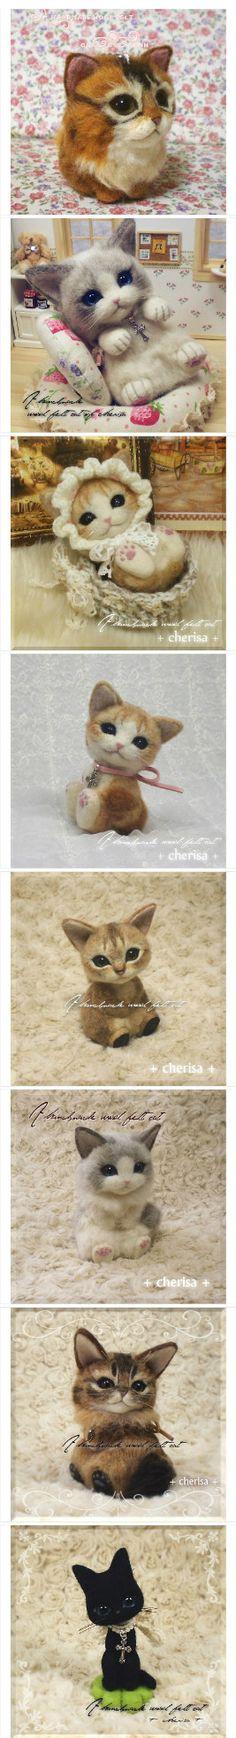 Felt cloth cat models